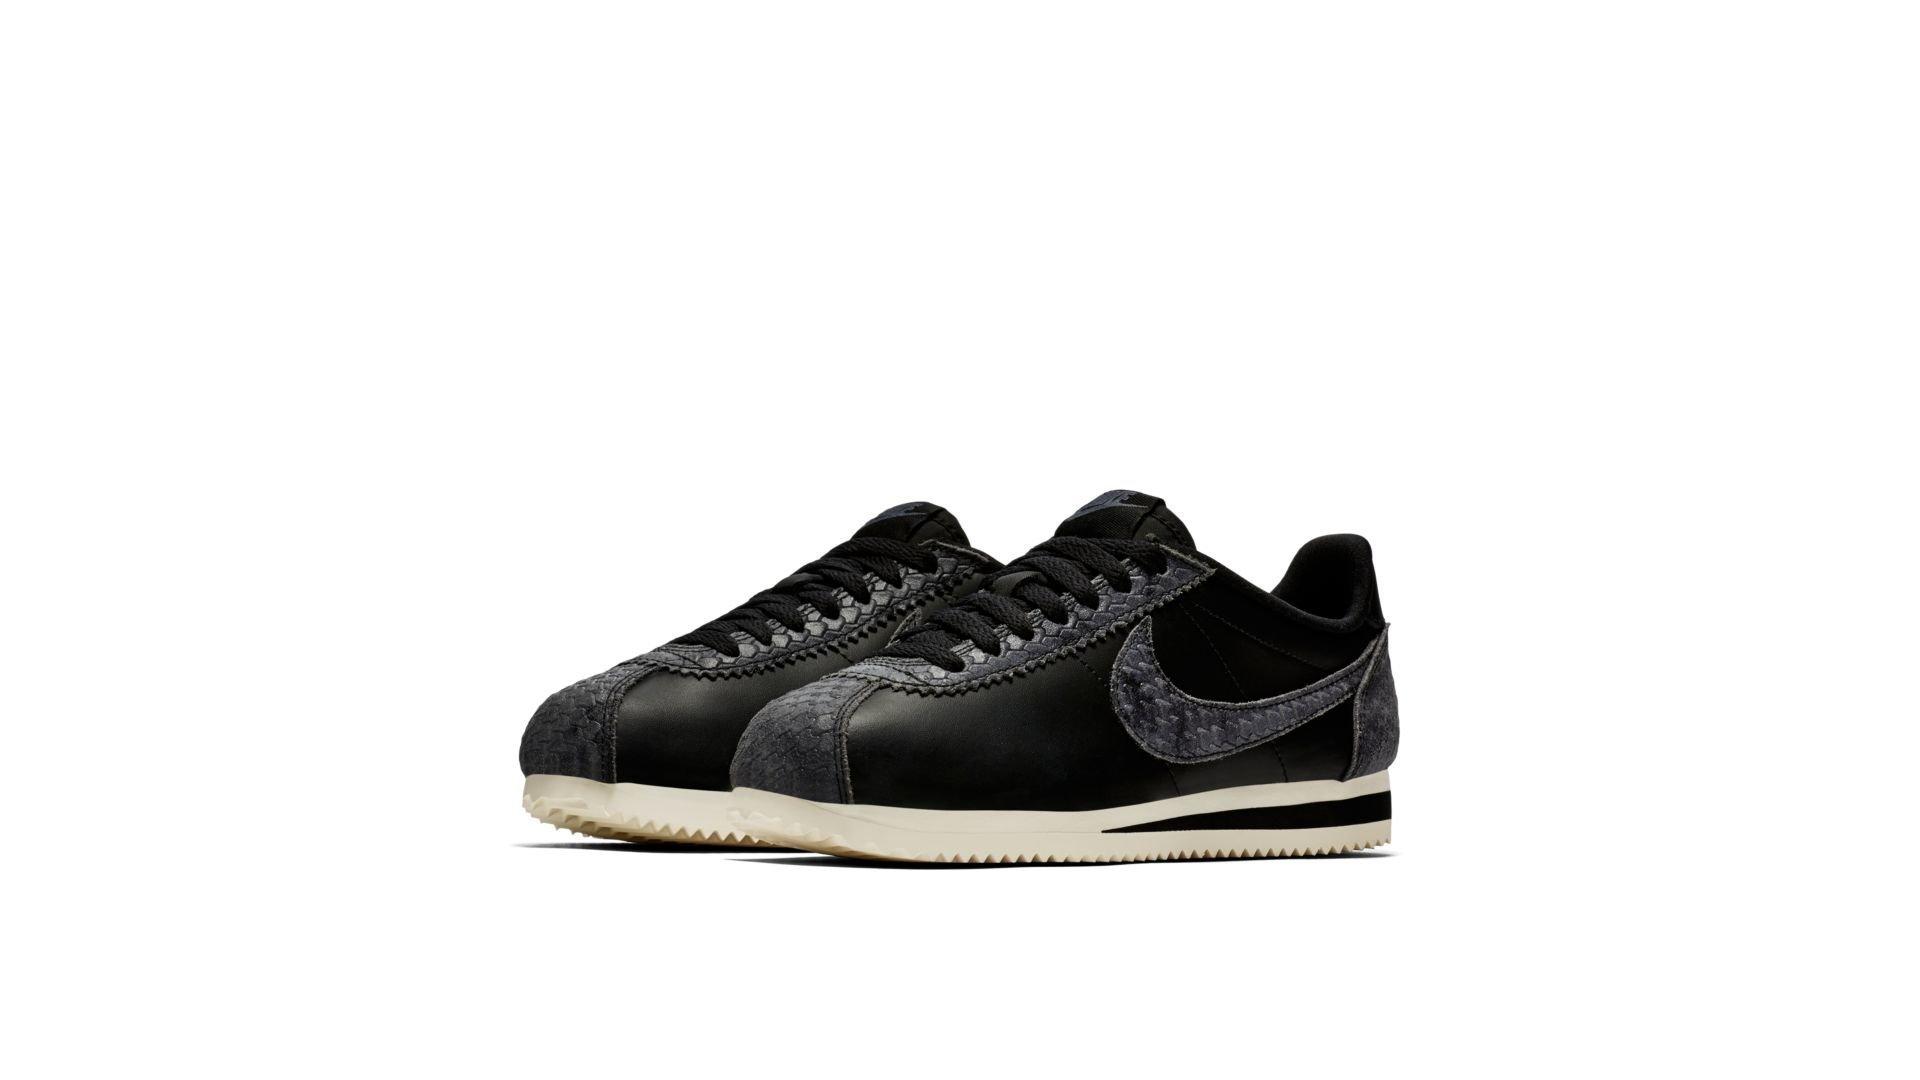 Nike Classic Cortez Black Snake (W) (905614-002)